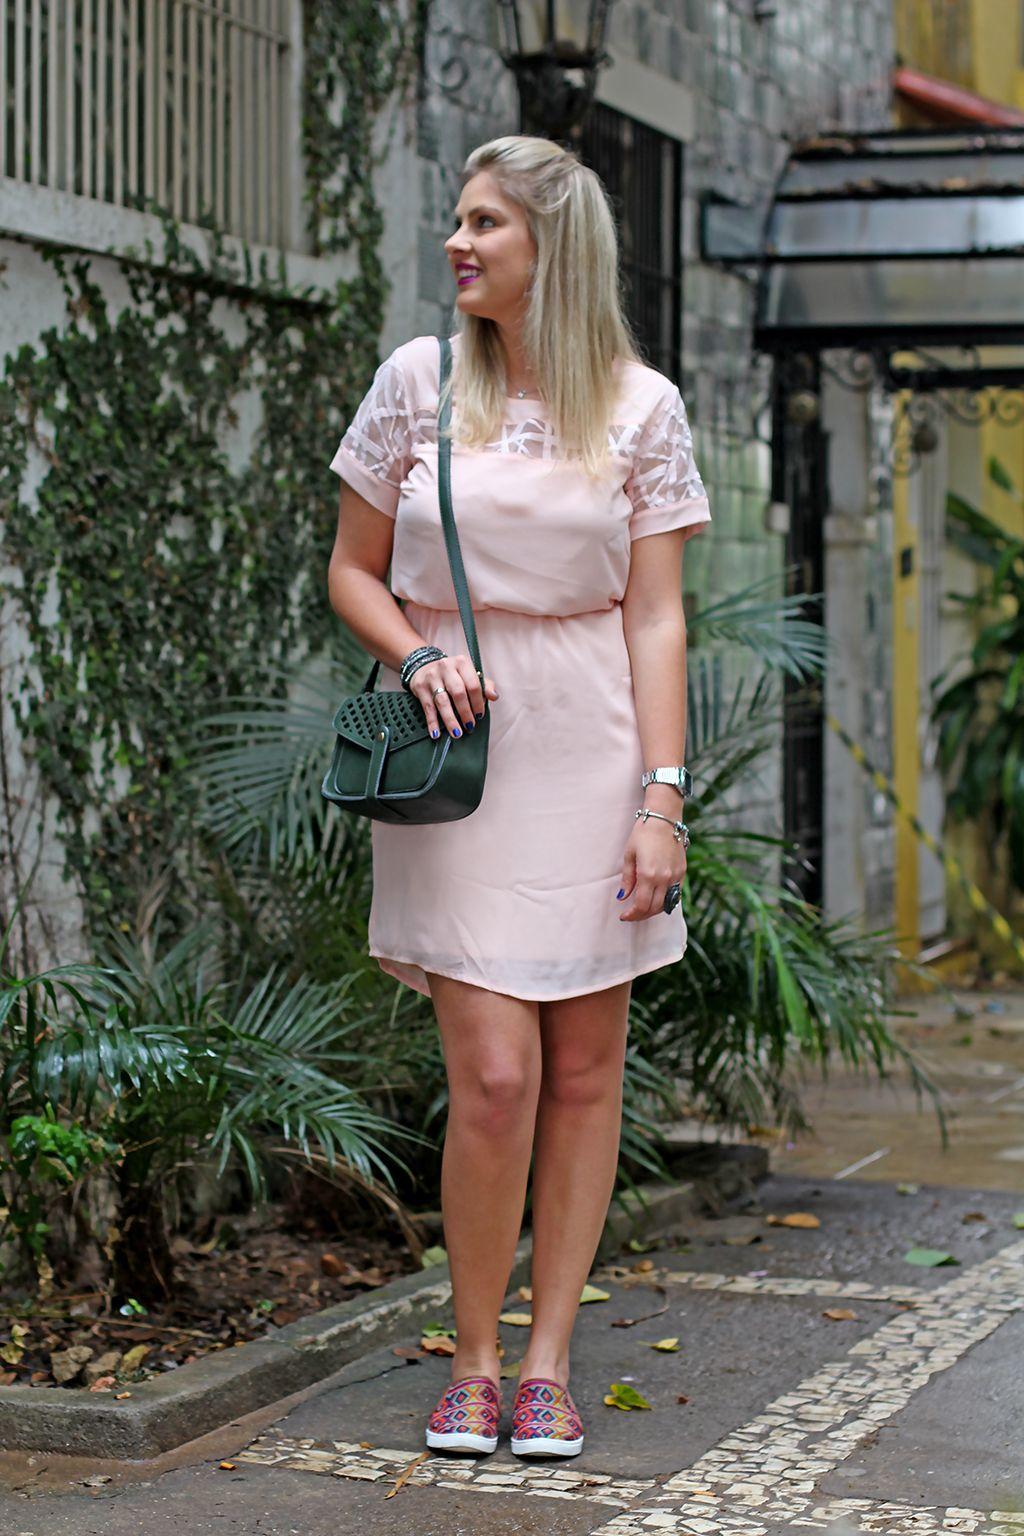 fato_basico_look_dica_fashion_dress_lemon_calçados_love_lee_acessórios_maria_cereja_candy_color_tenis_arezzo_verão_2015_moda_sao_paulo_do_dia_ootd_outfit_cade_meu_blush 3